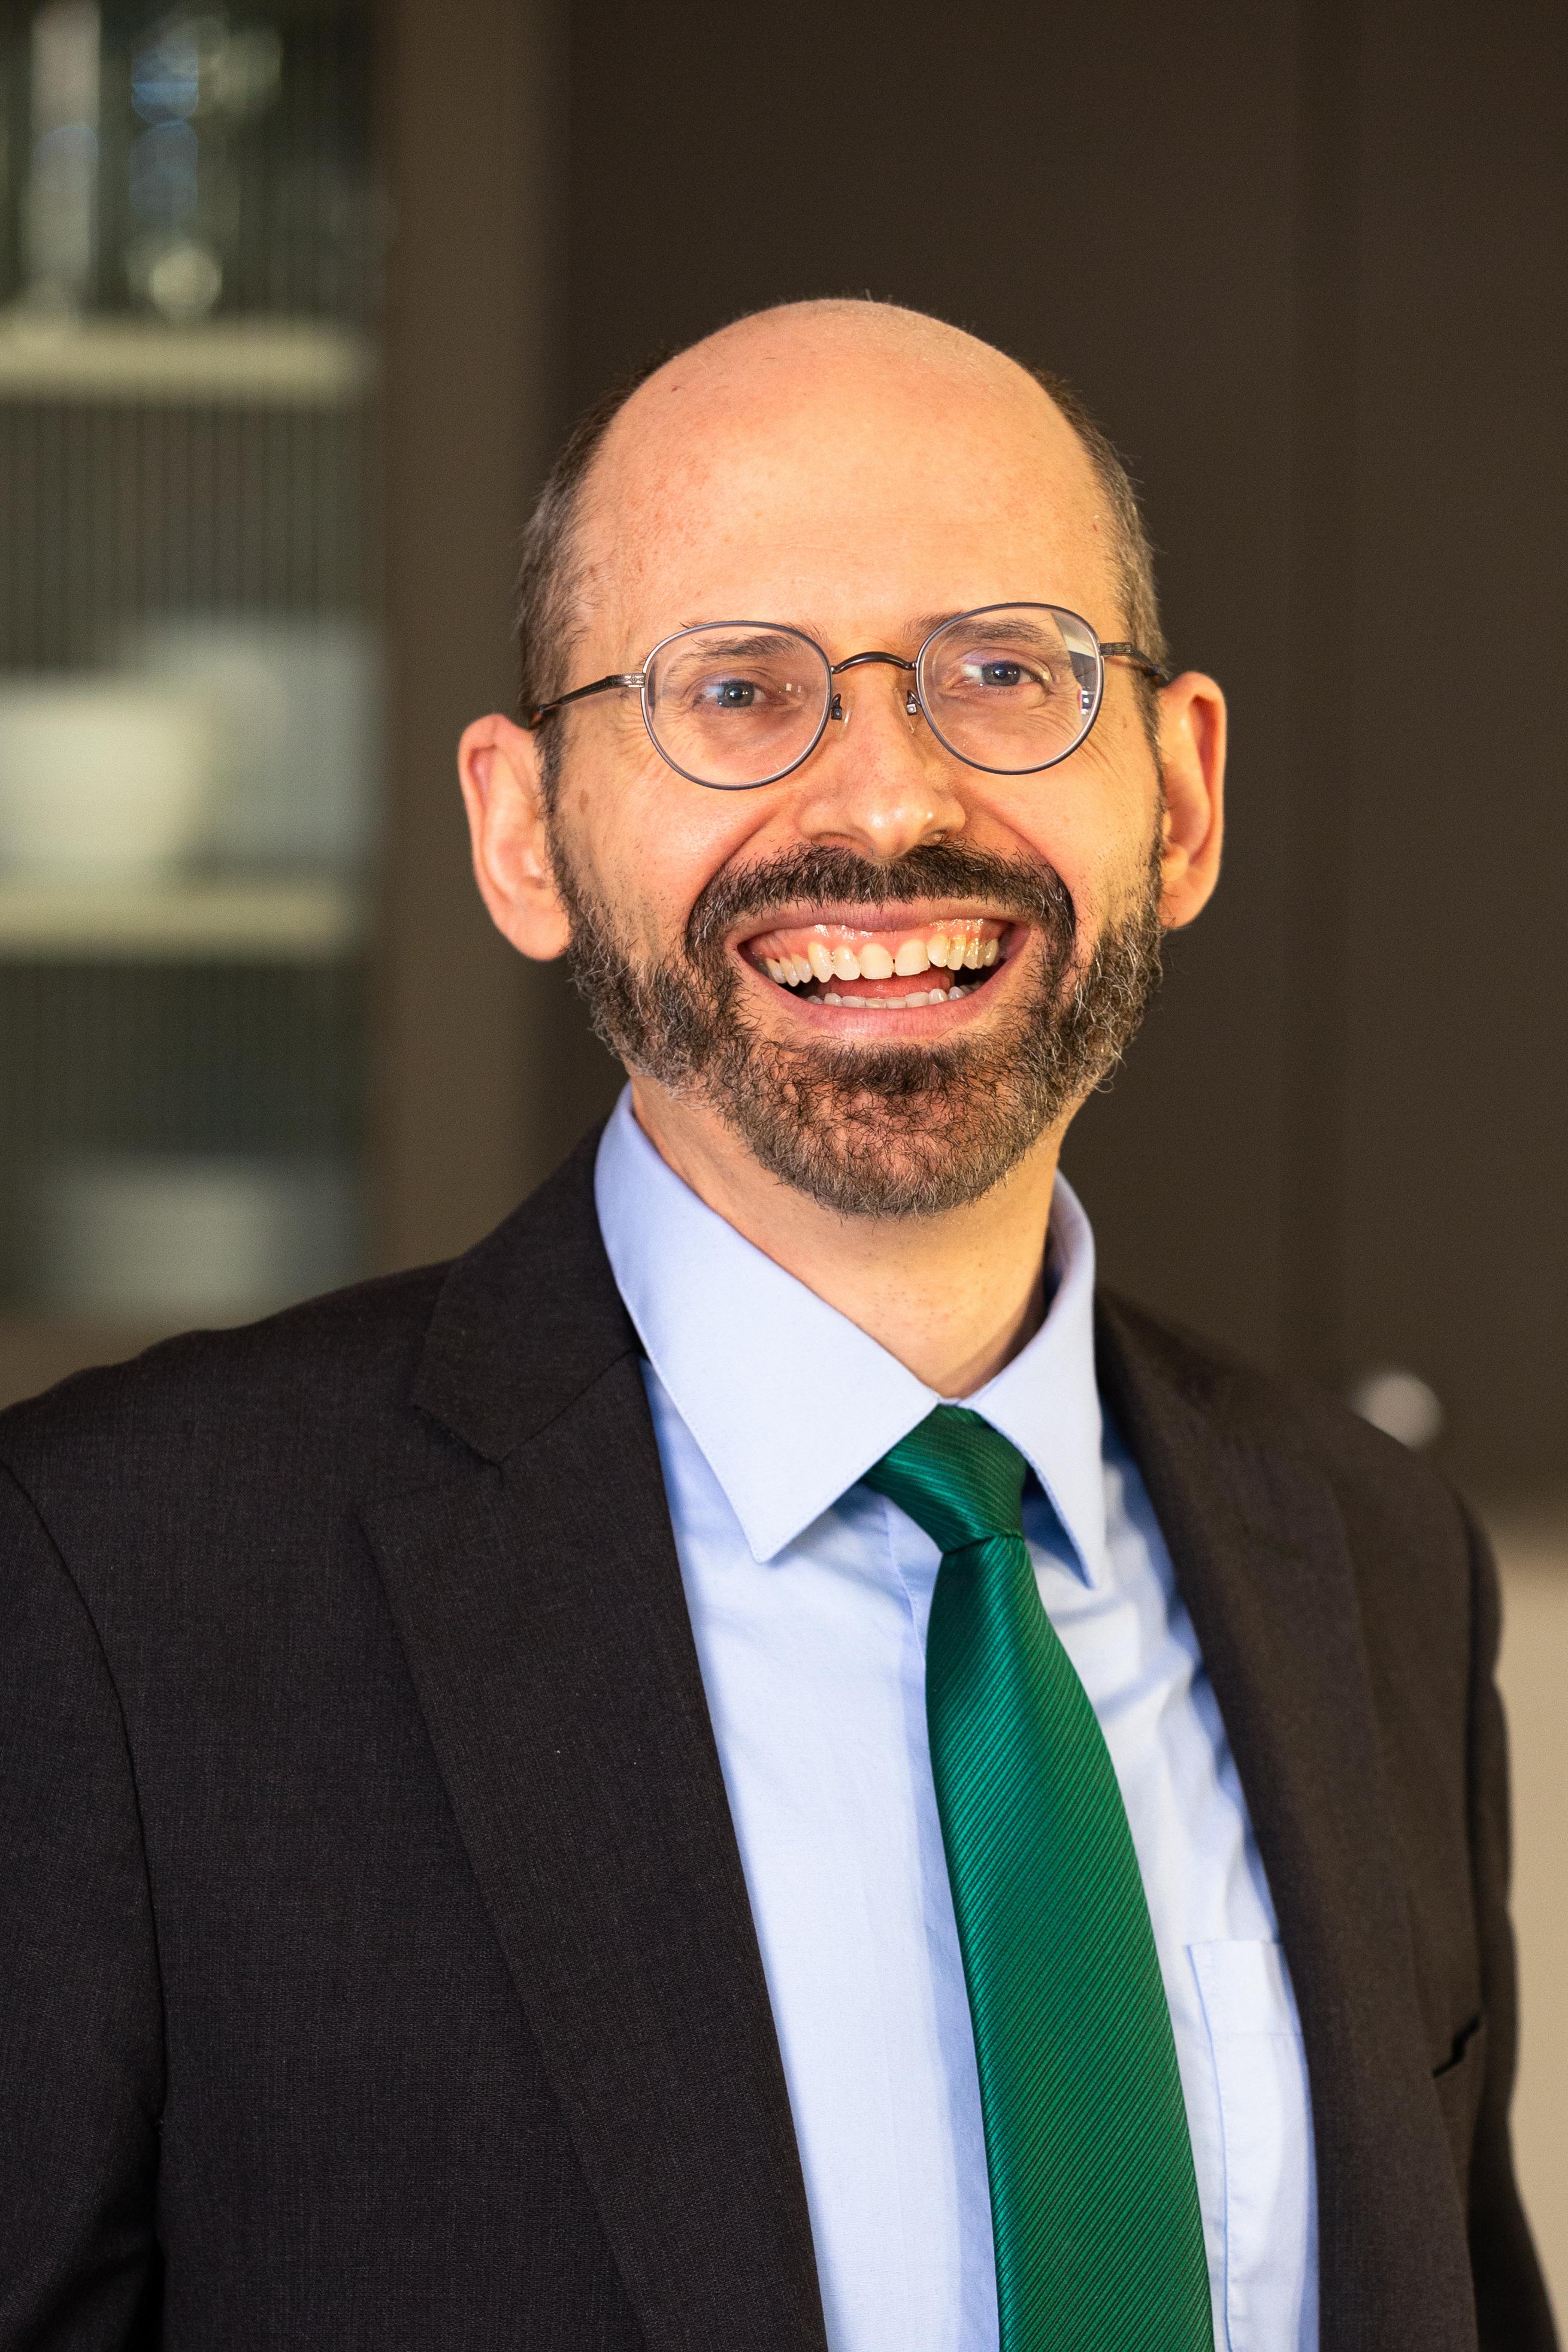 Dr. Greger Headshot (Smiling)